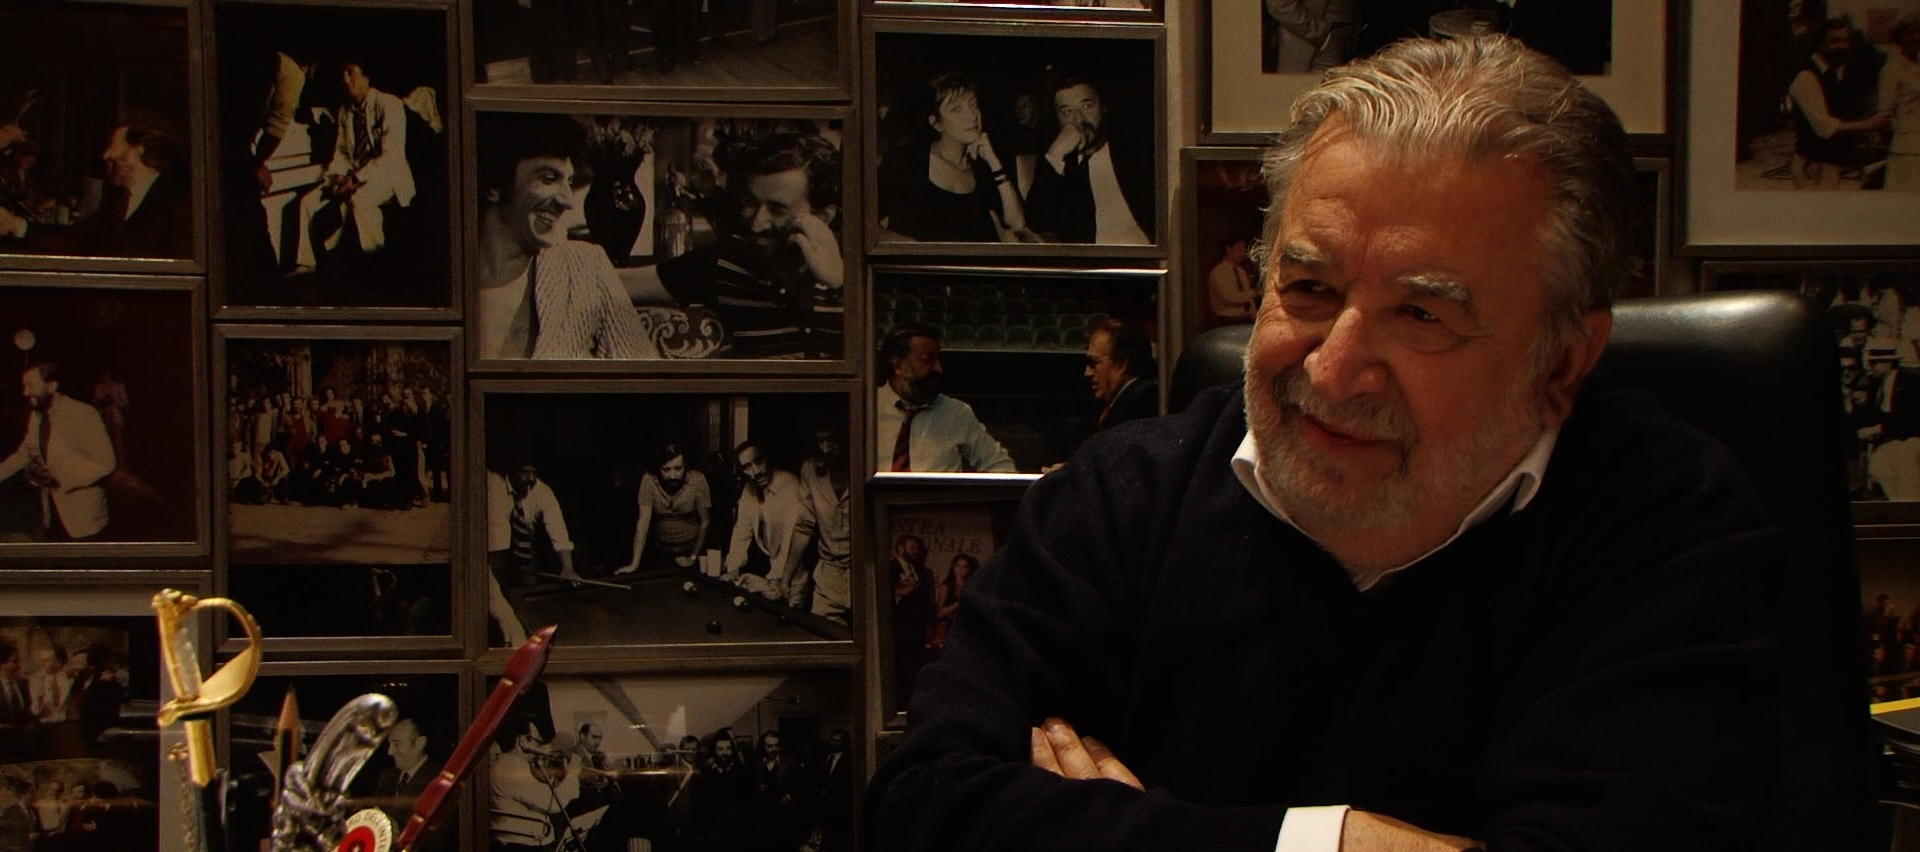 Ritratto-di-mio-padre-Pupi-Avati-intervista